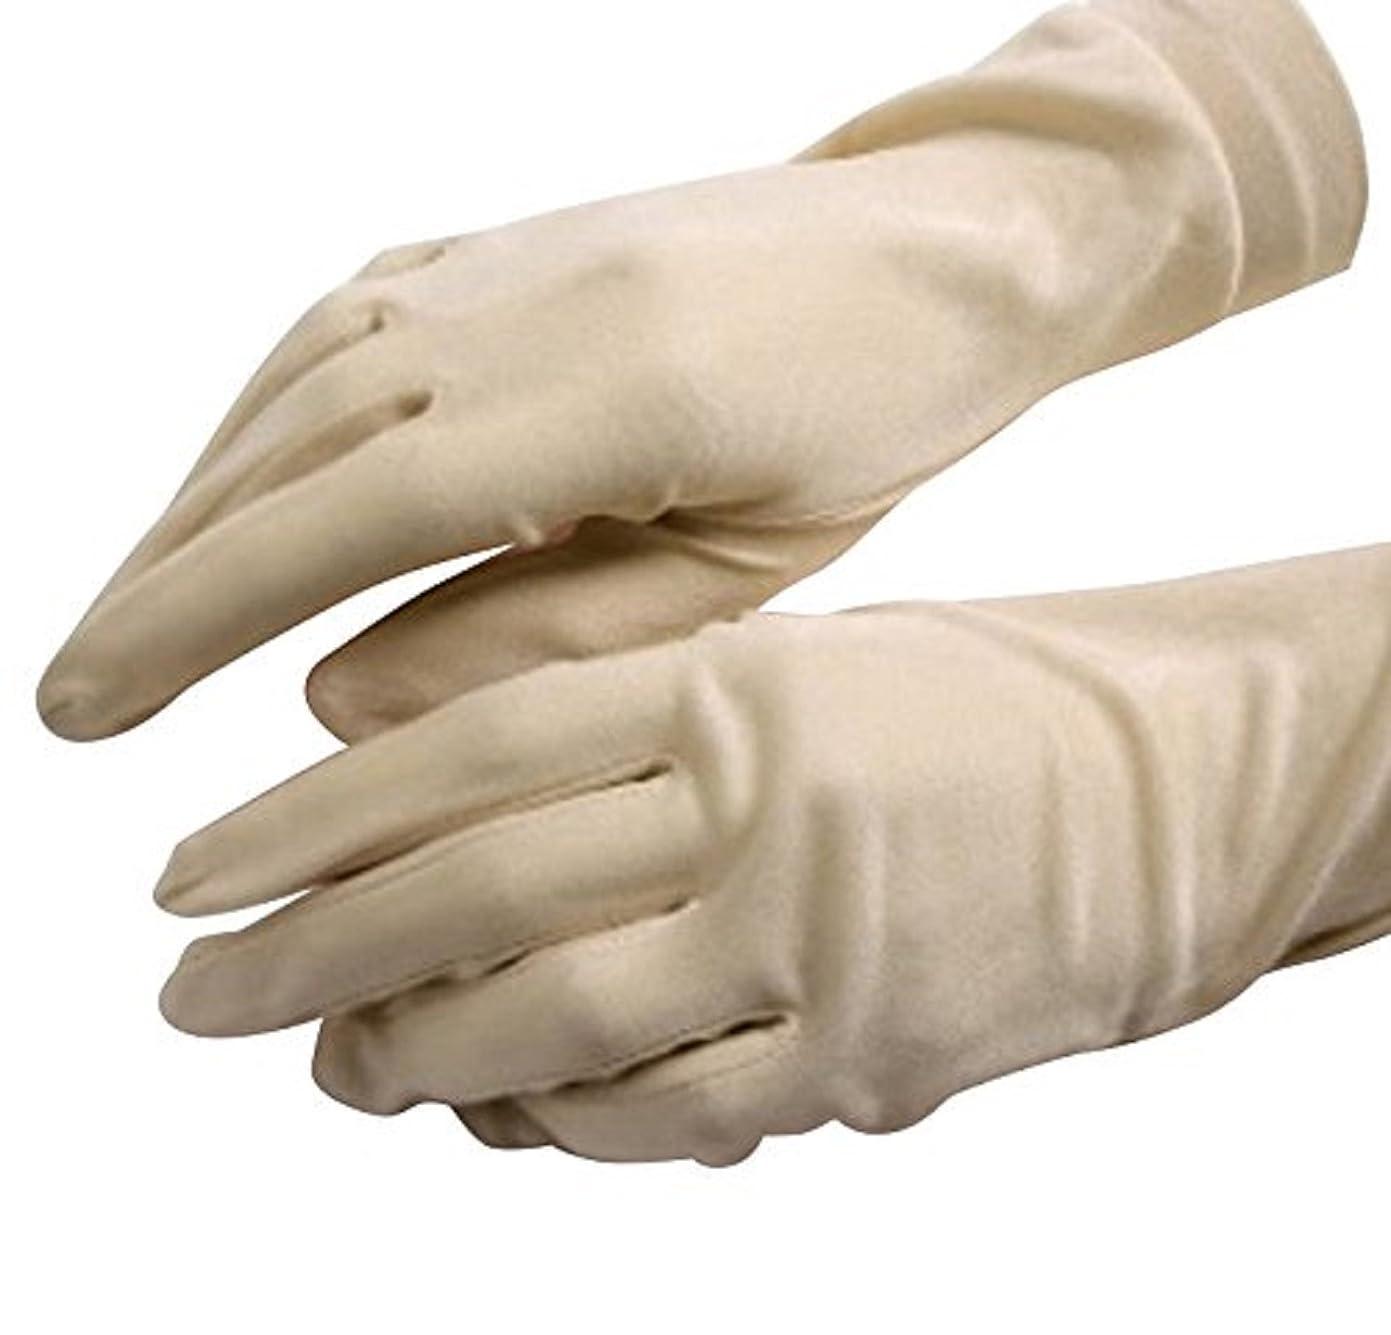 CREPUSCOLO 手荒れ対策! シルク手袋 おやすみ 手袋 保湿ケア UVカット ハンドケア シルク100% 全7色 (ベージュ)